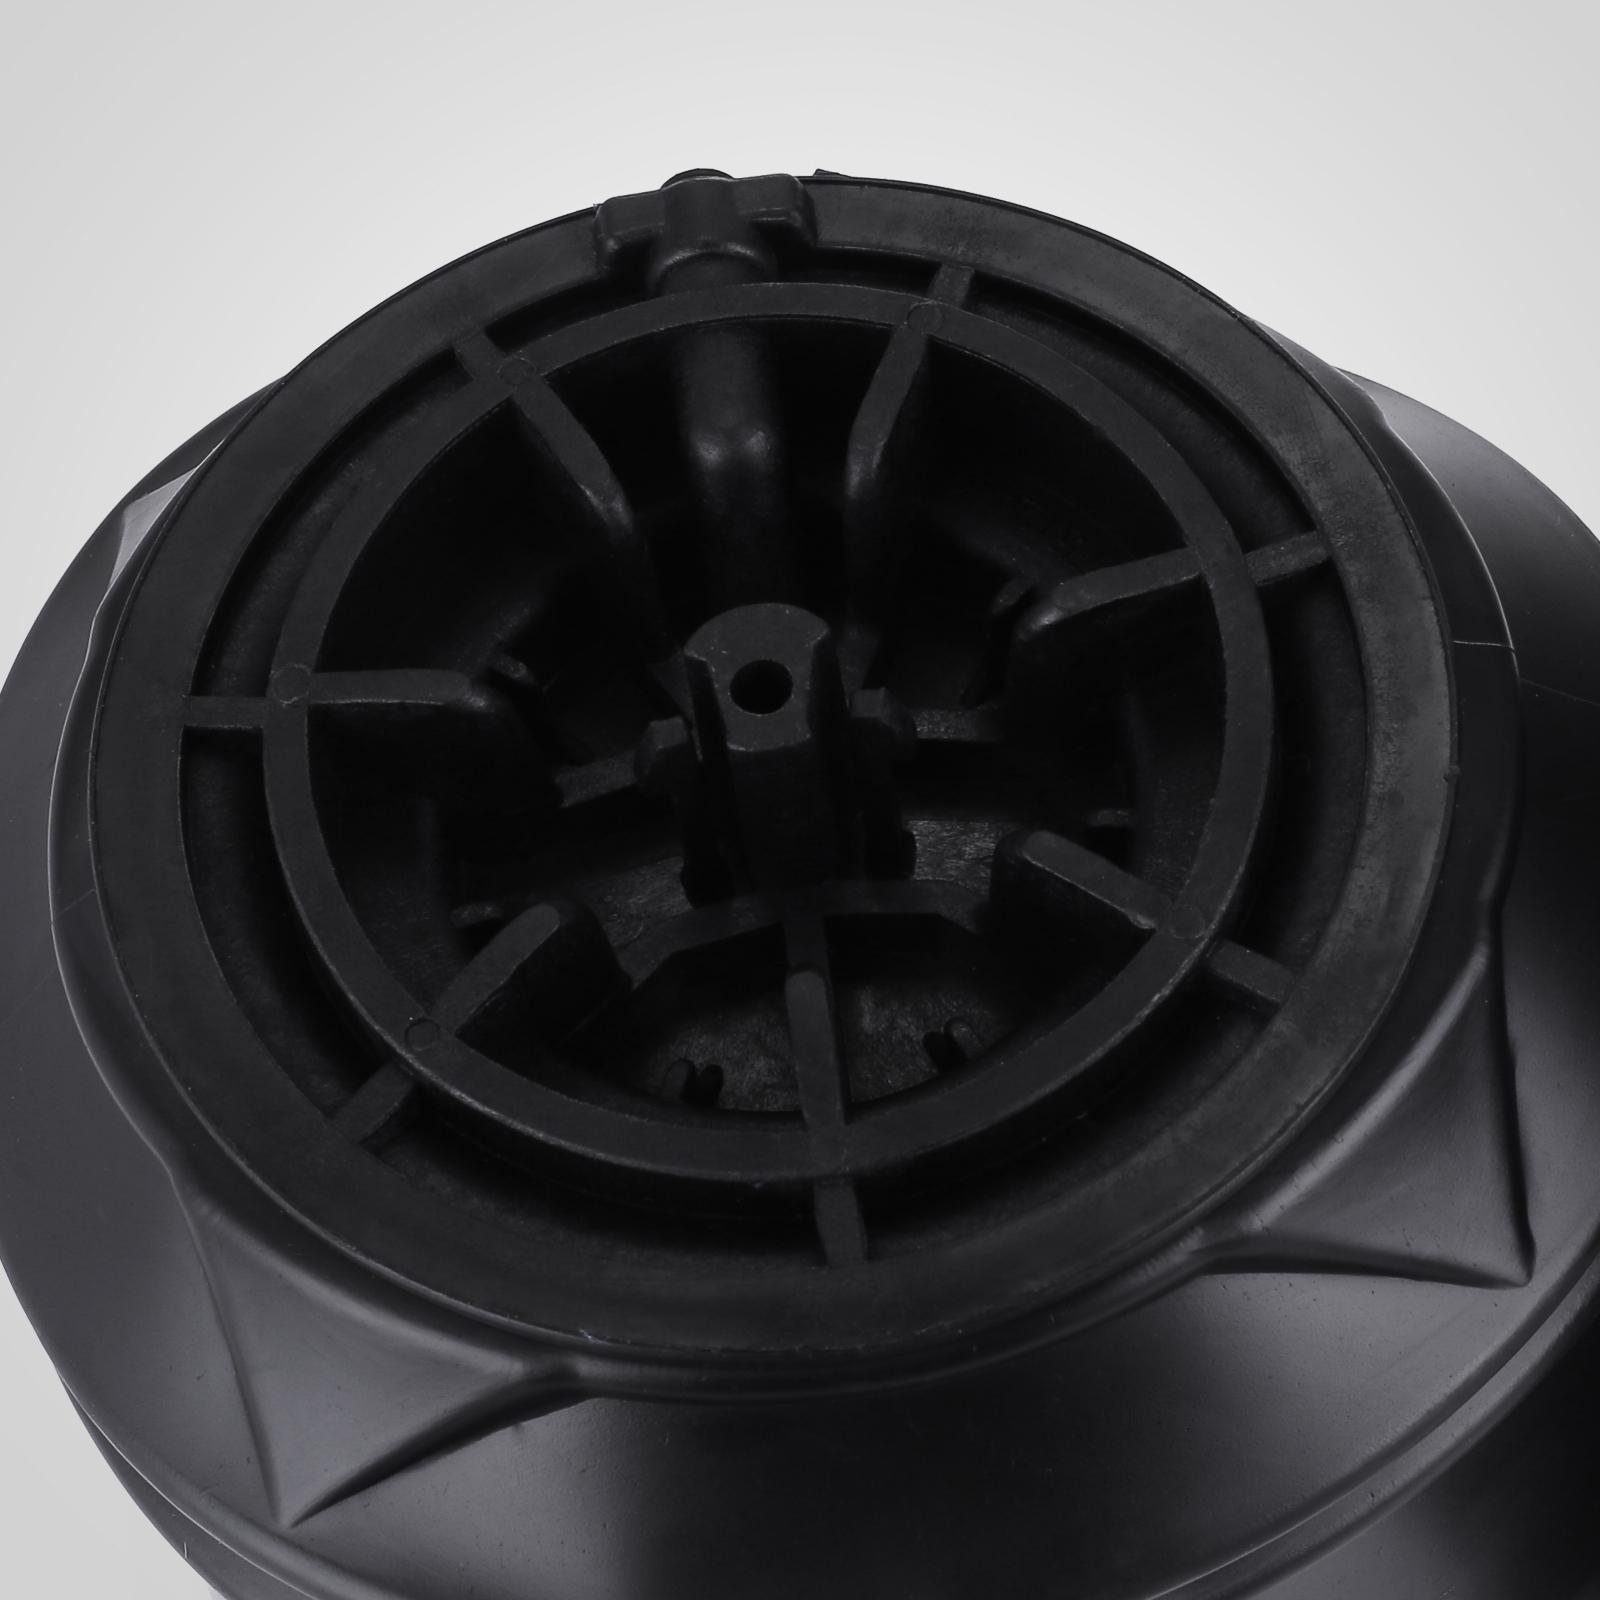 up pneumatique amortisseur arriere pour 5102 r8 citroen c4. Black Bedroom Furniture Sets. Home Design Ideas